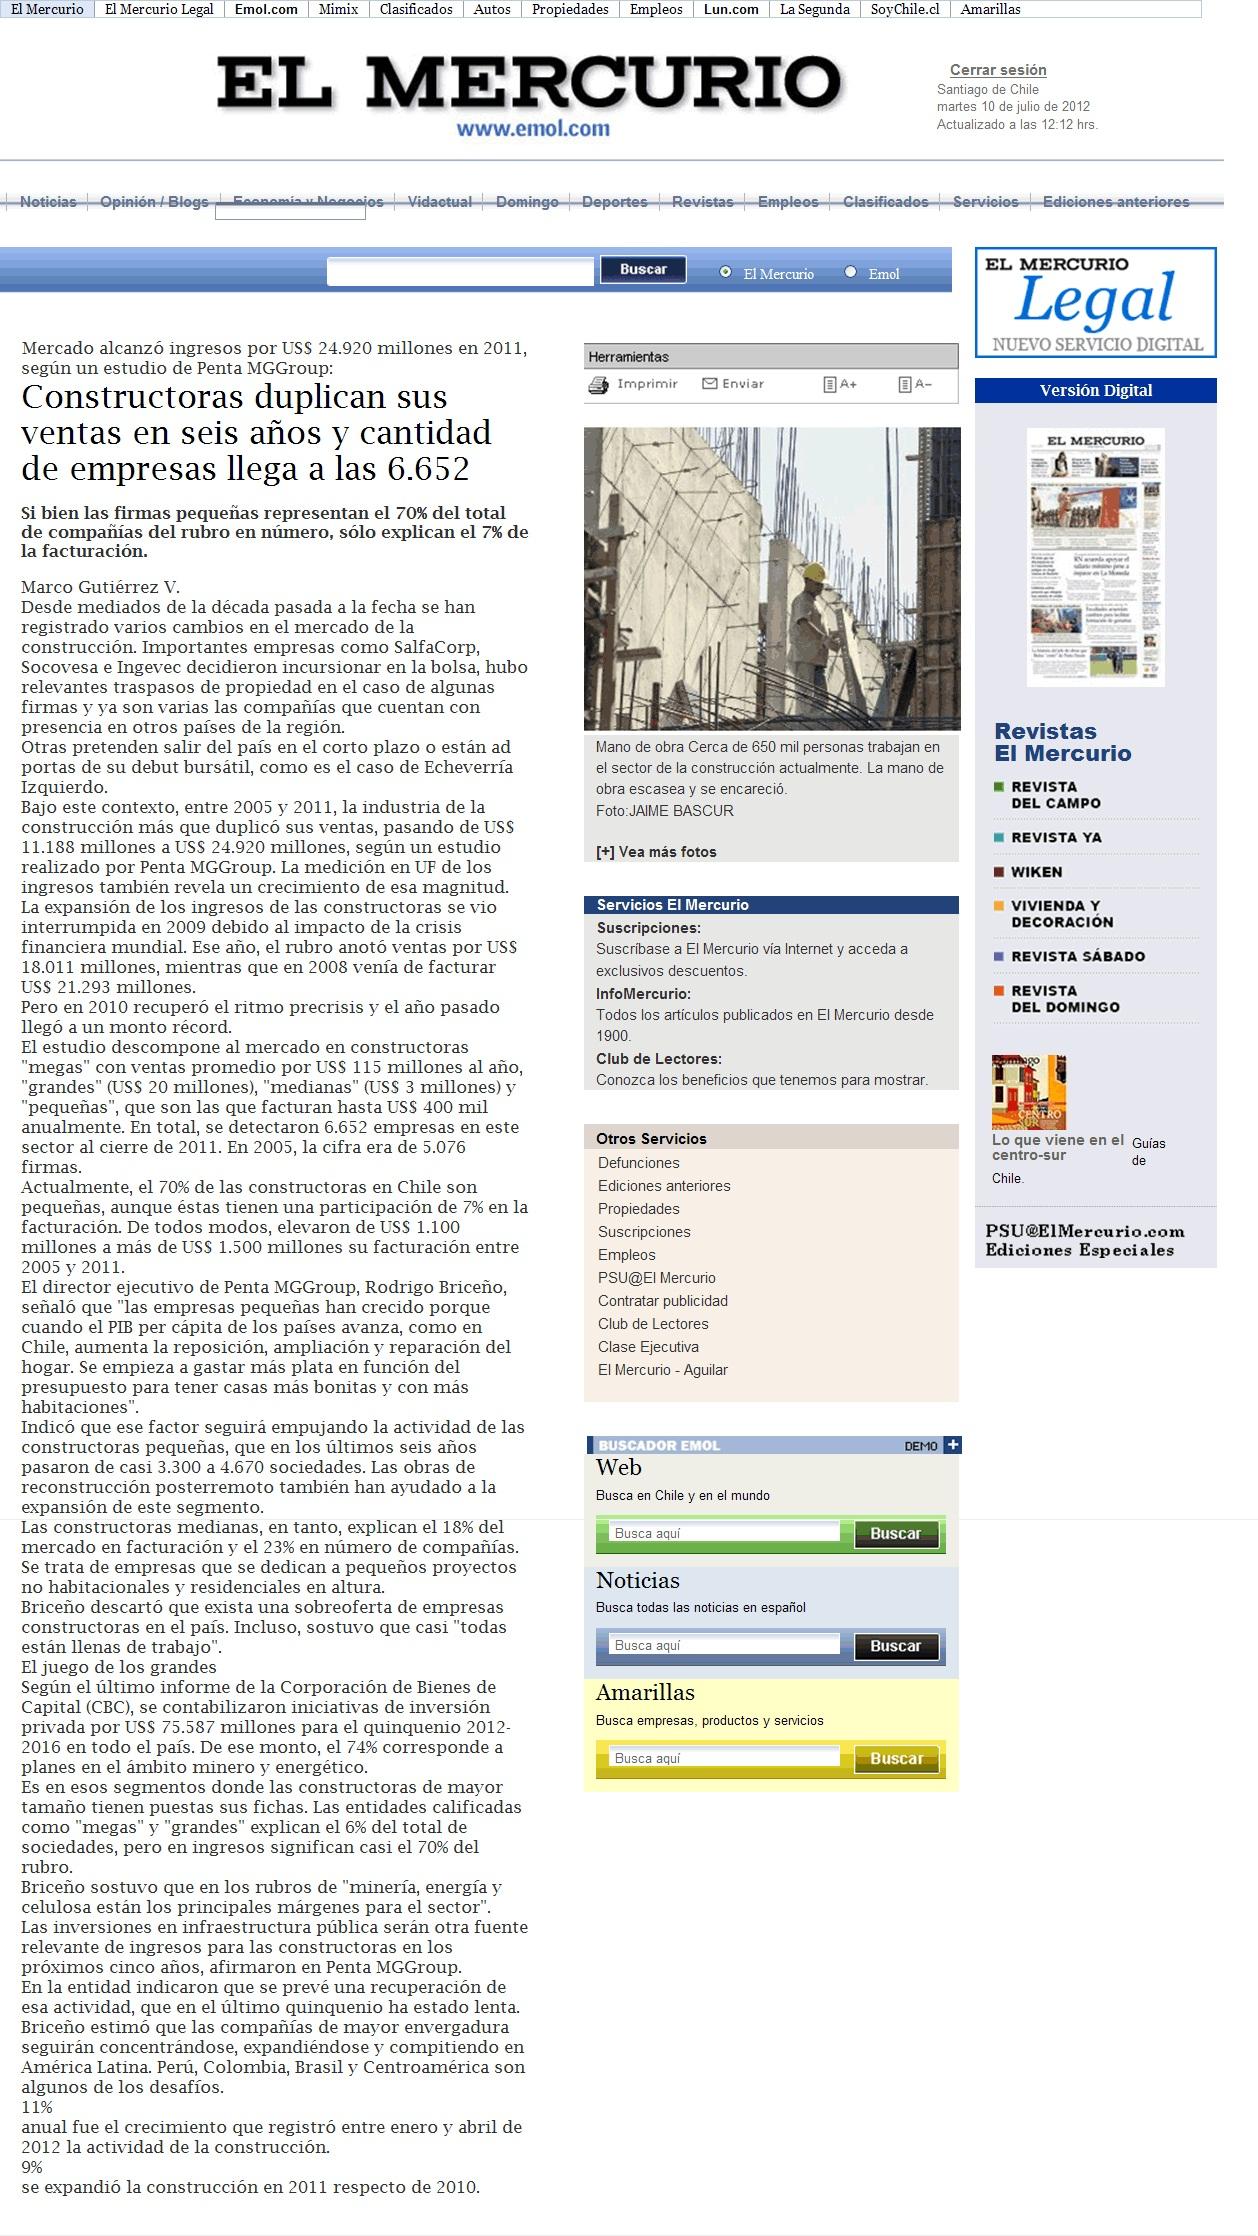 Mercado Alcanzó Ingresos Por US$24.920 Millones En 2011, Según Un Estudio De PMG Group